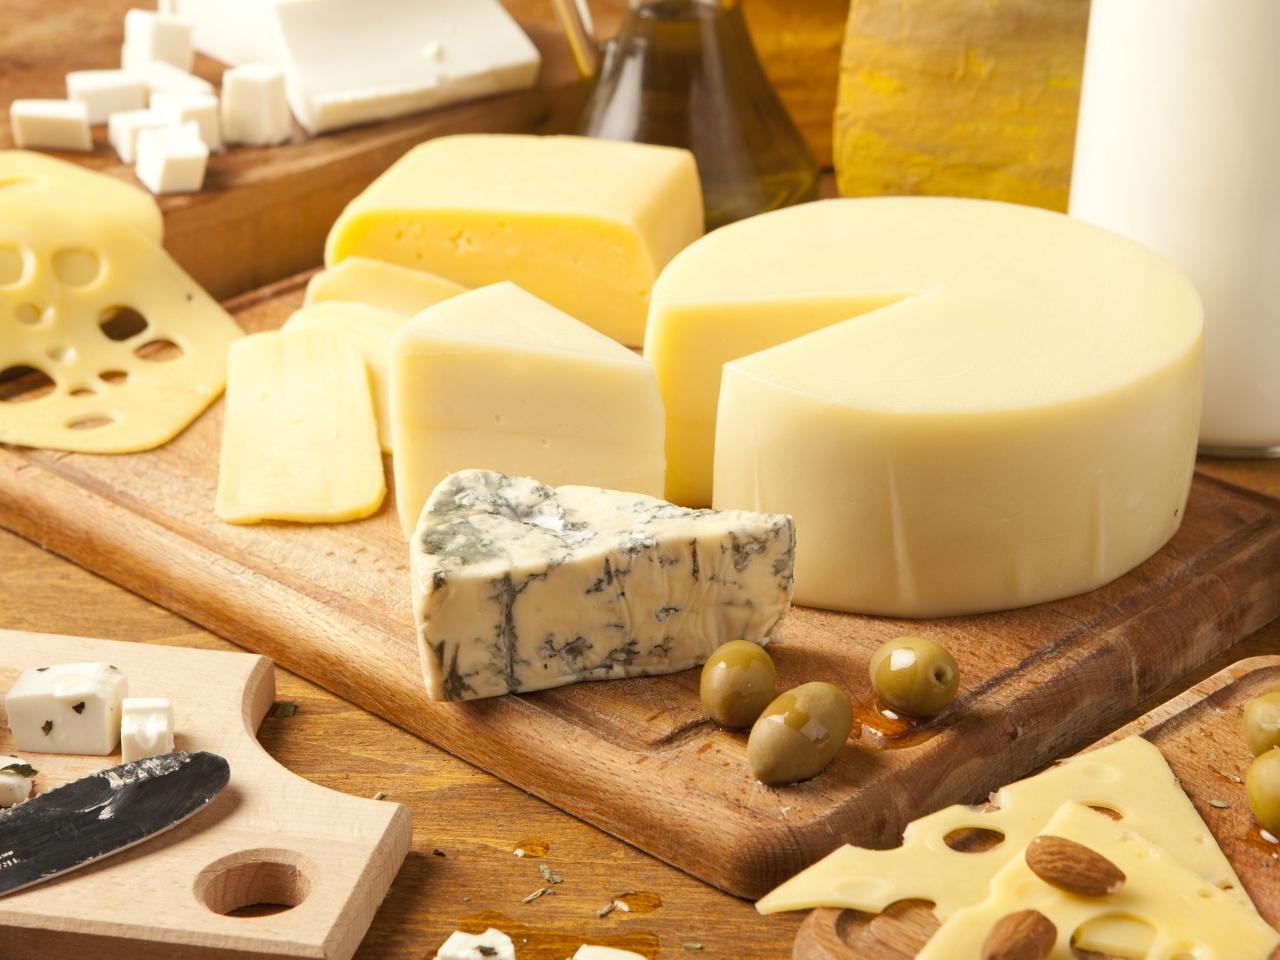 食べても平気?カビの有無の違いは?おいしいチーズとカビの関係のサムネイル画像